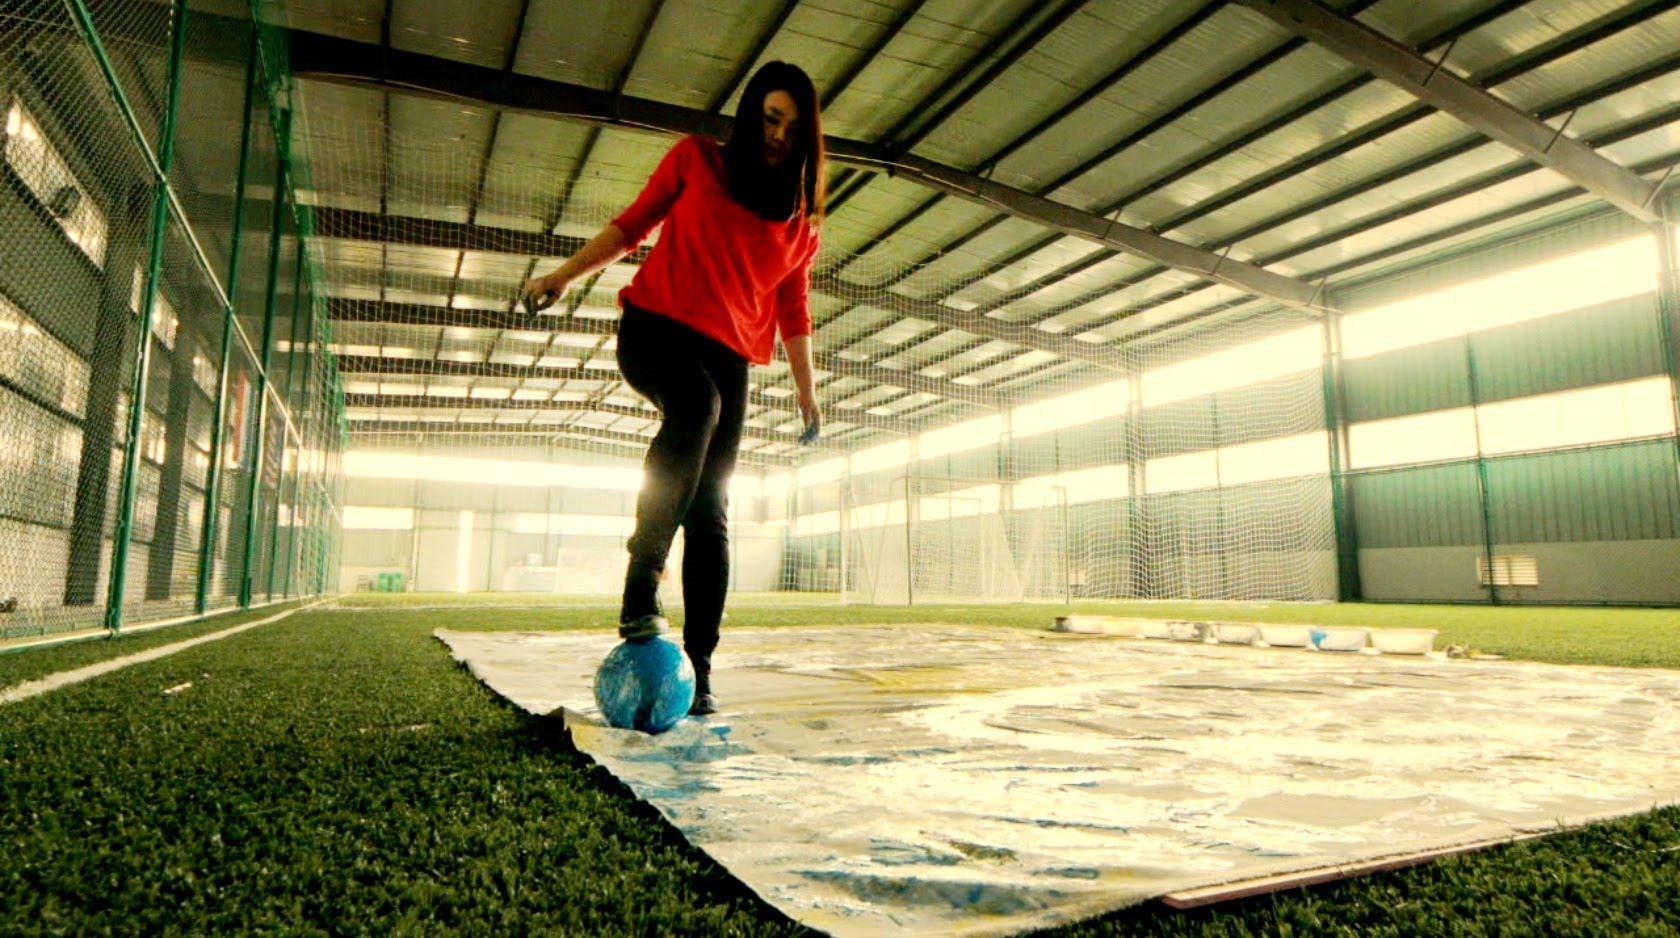 サッカーボールを使ってサッカー選手を描くアート